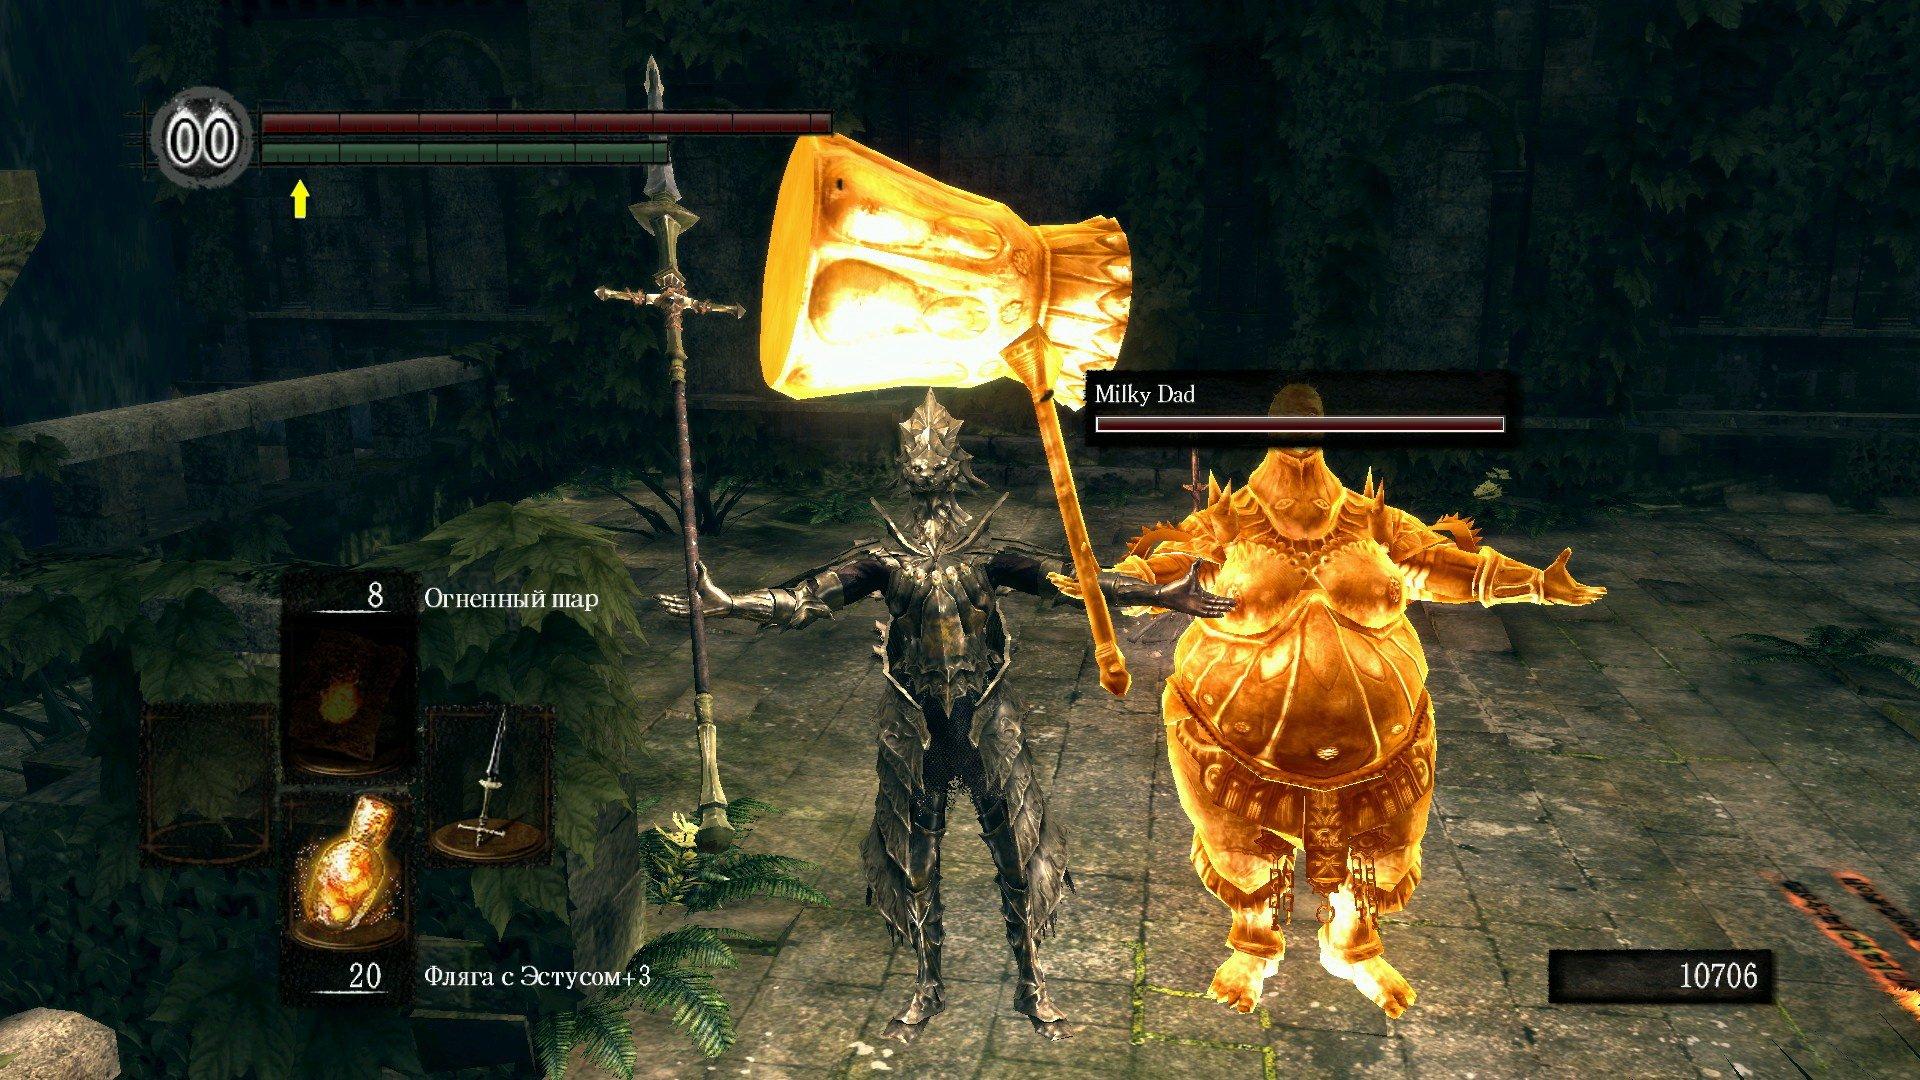 как происходит PVP в Dark Souls - Изображение 1